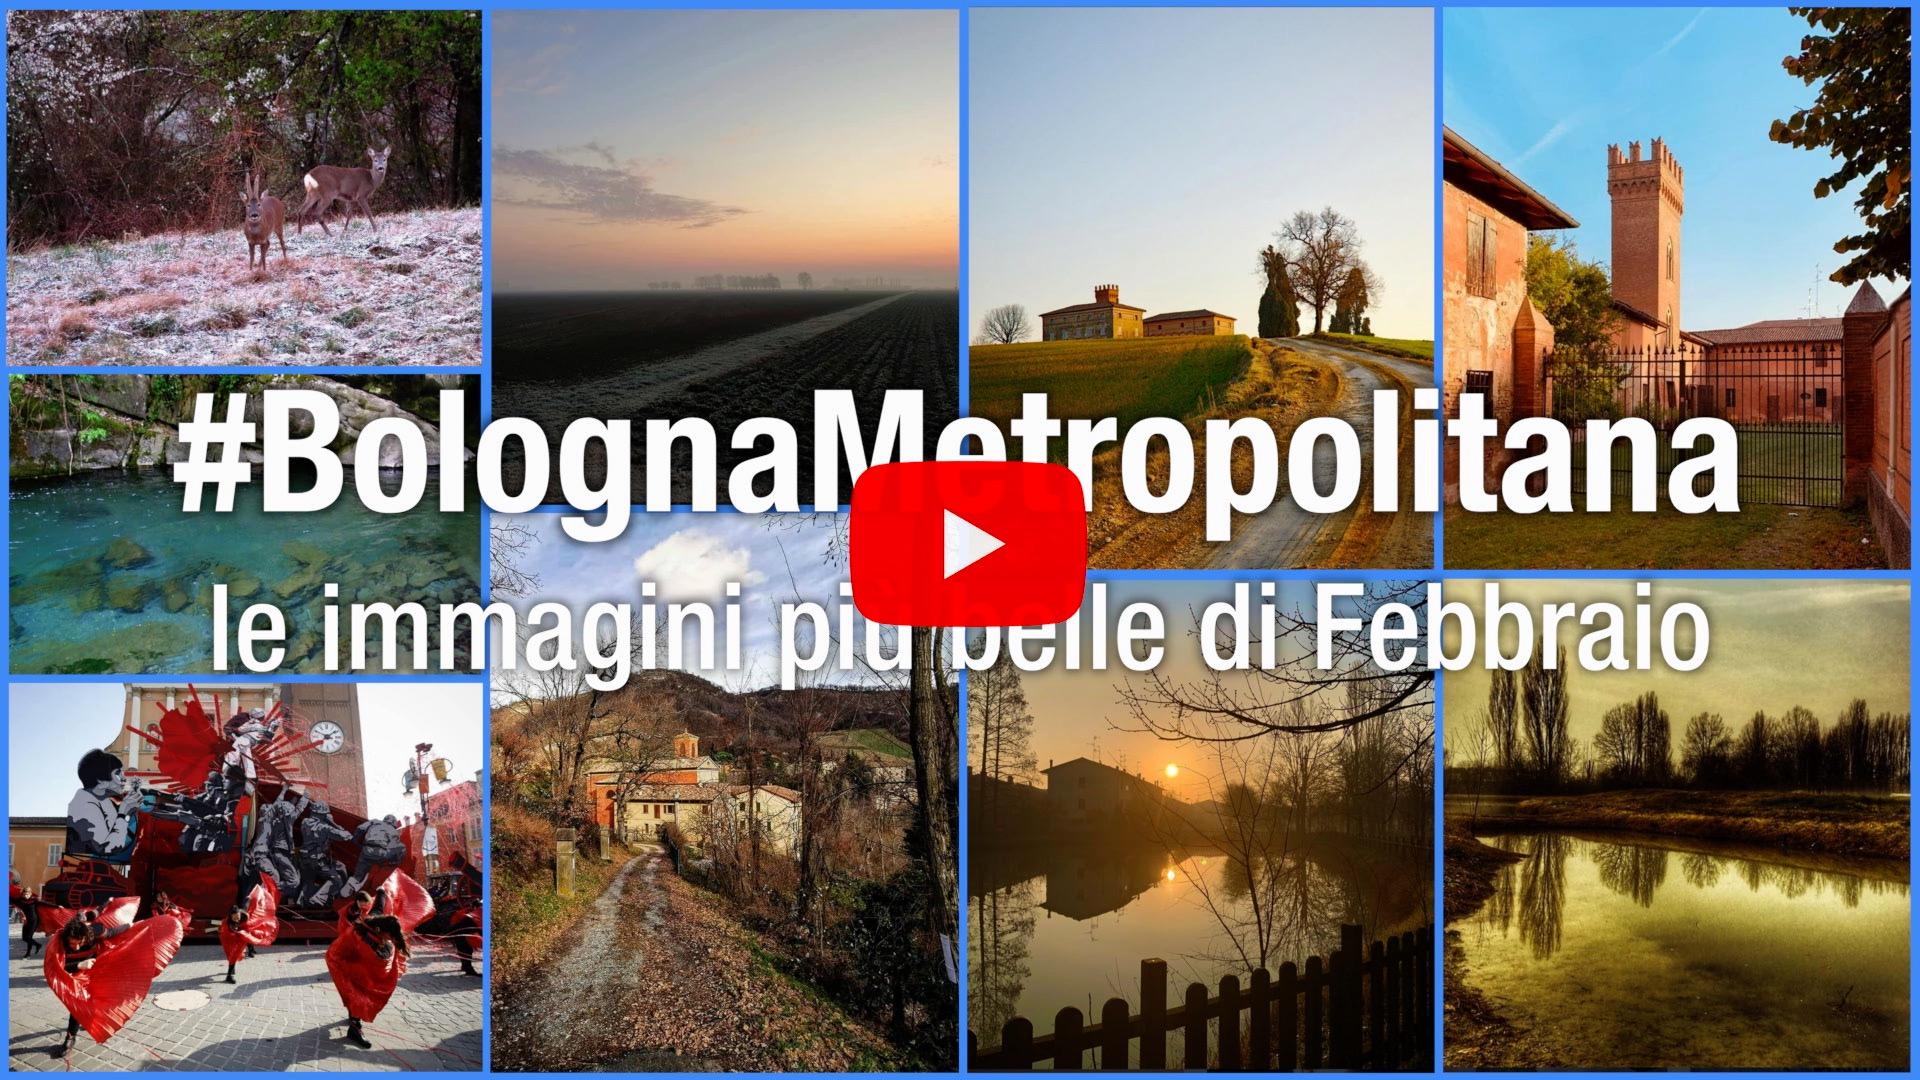 #BolognaMetropolitana - Le immagini più belle di febbraio 2020